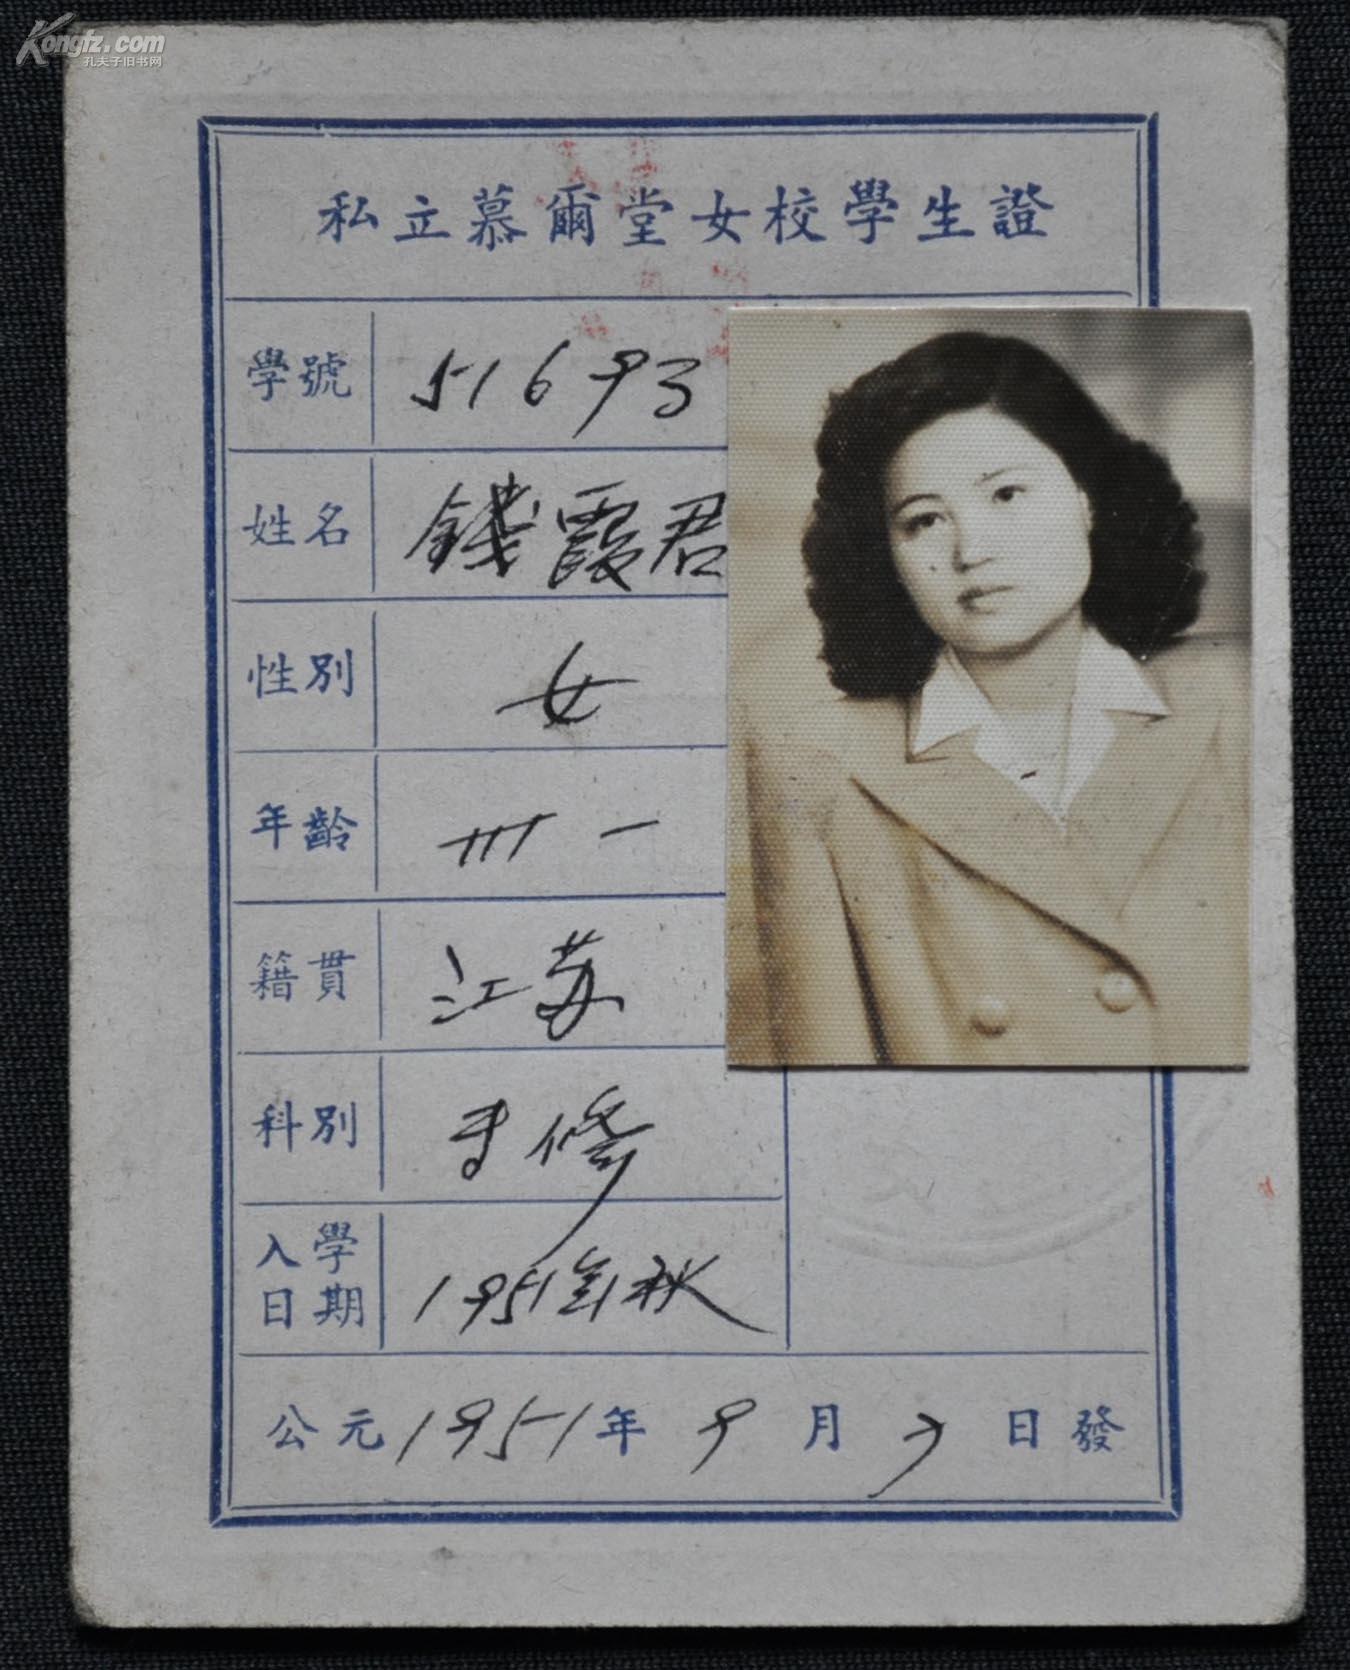 【原装旧】私立幕尔堂女校学生证 贴大张照片 漂亮